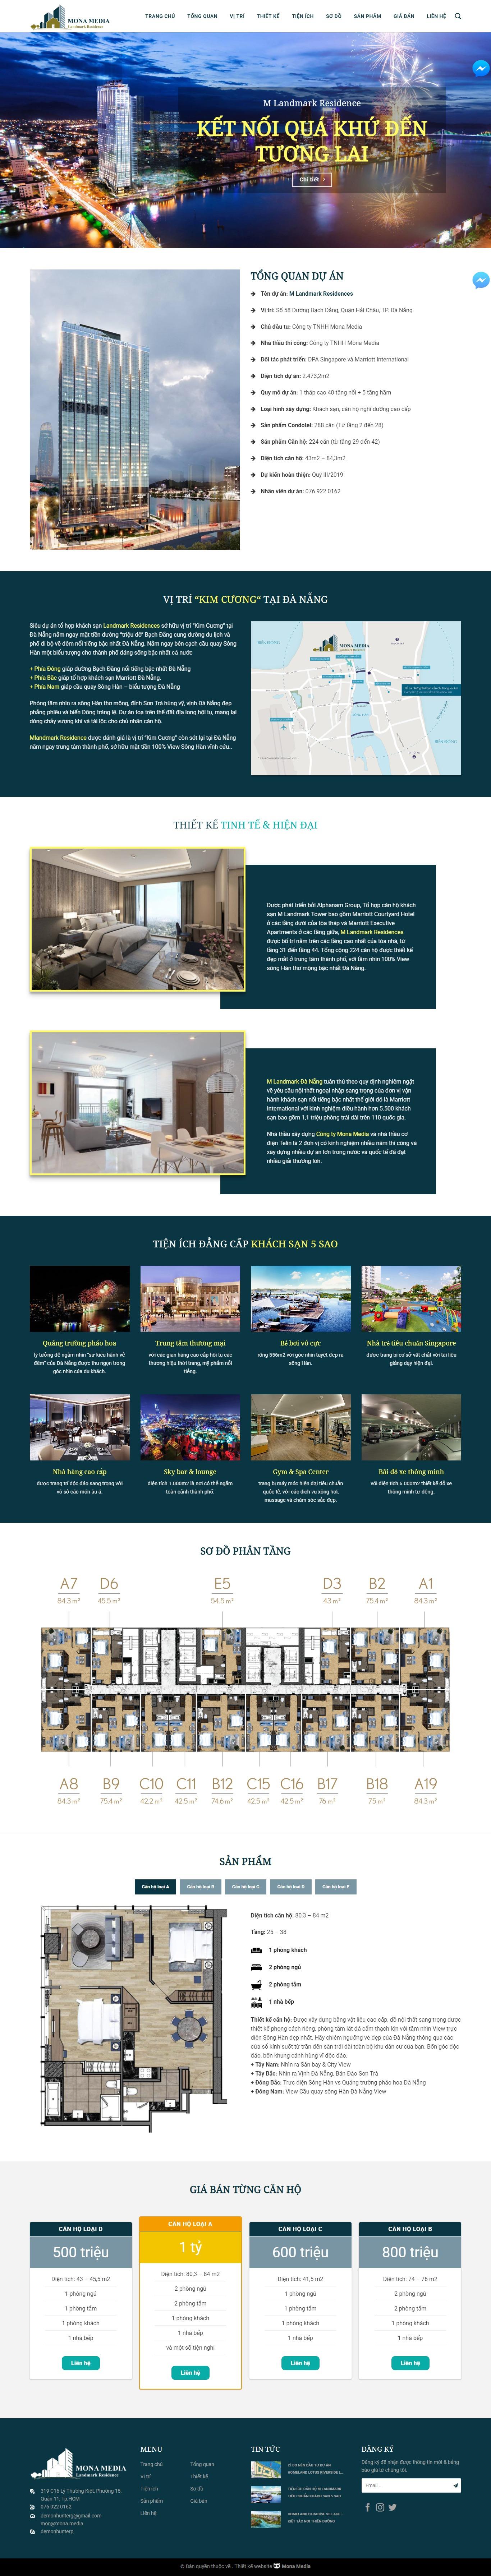 Mẫu landing page giới thiệu dự án bất động sản MLandmark Residence